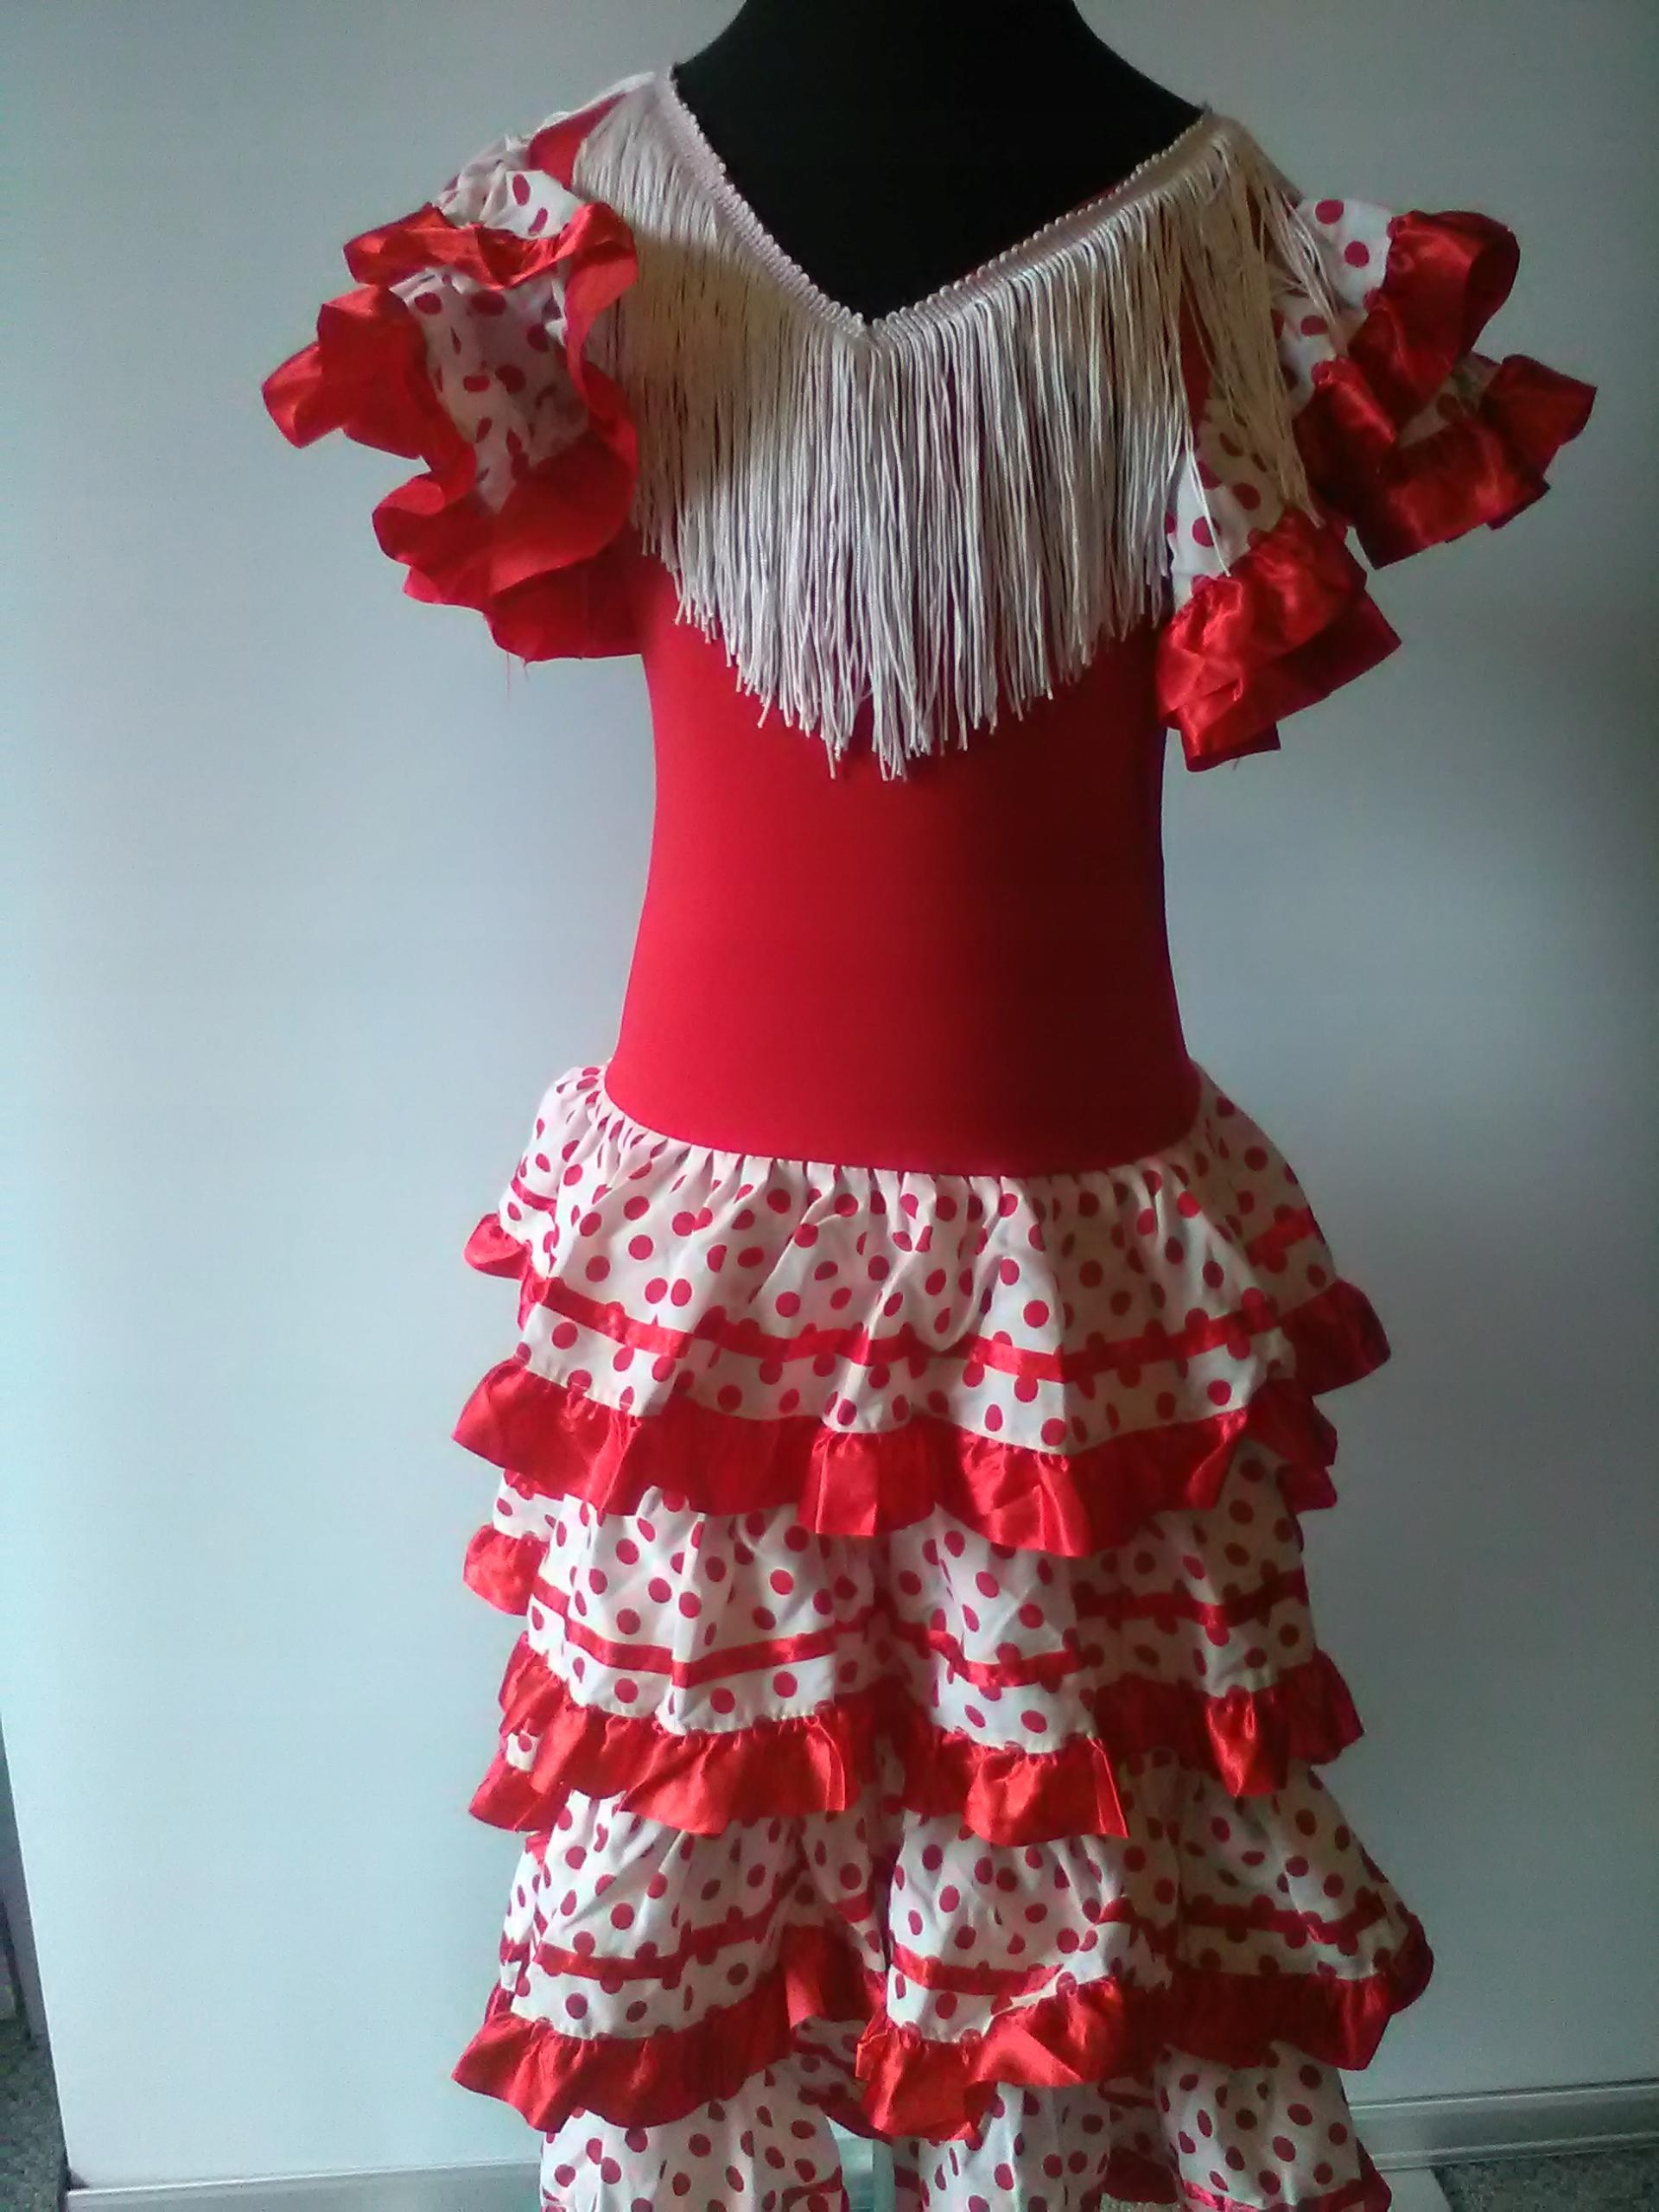 eb6dcda5a7 Strój karnawałowy tancerka flamenco 140 (3528) - 7481915498 ...